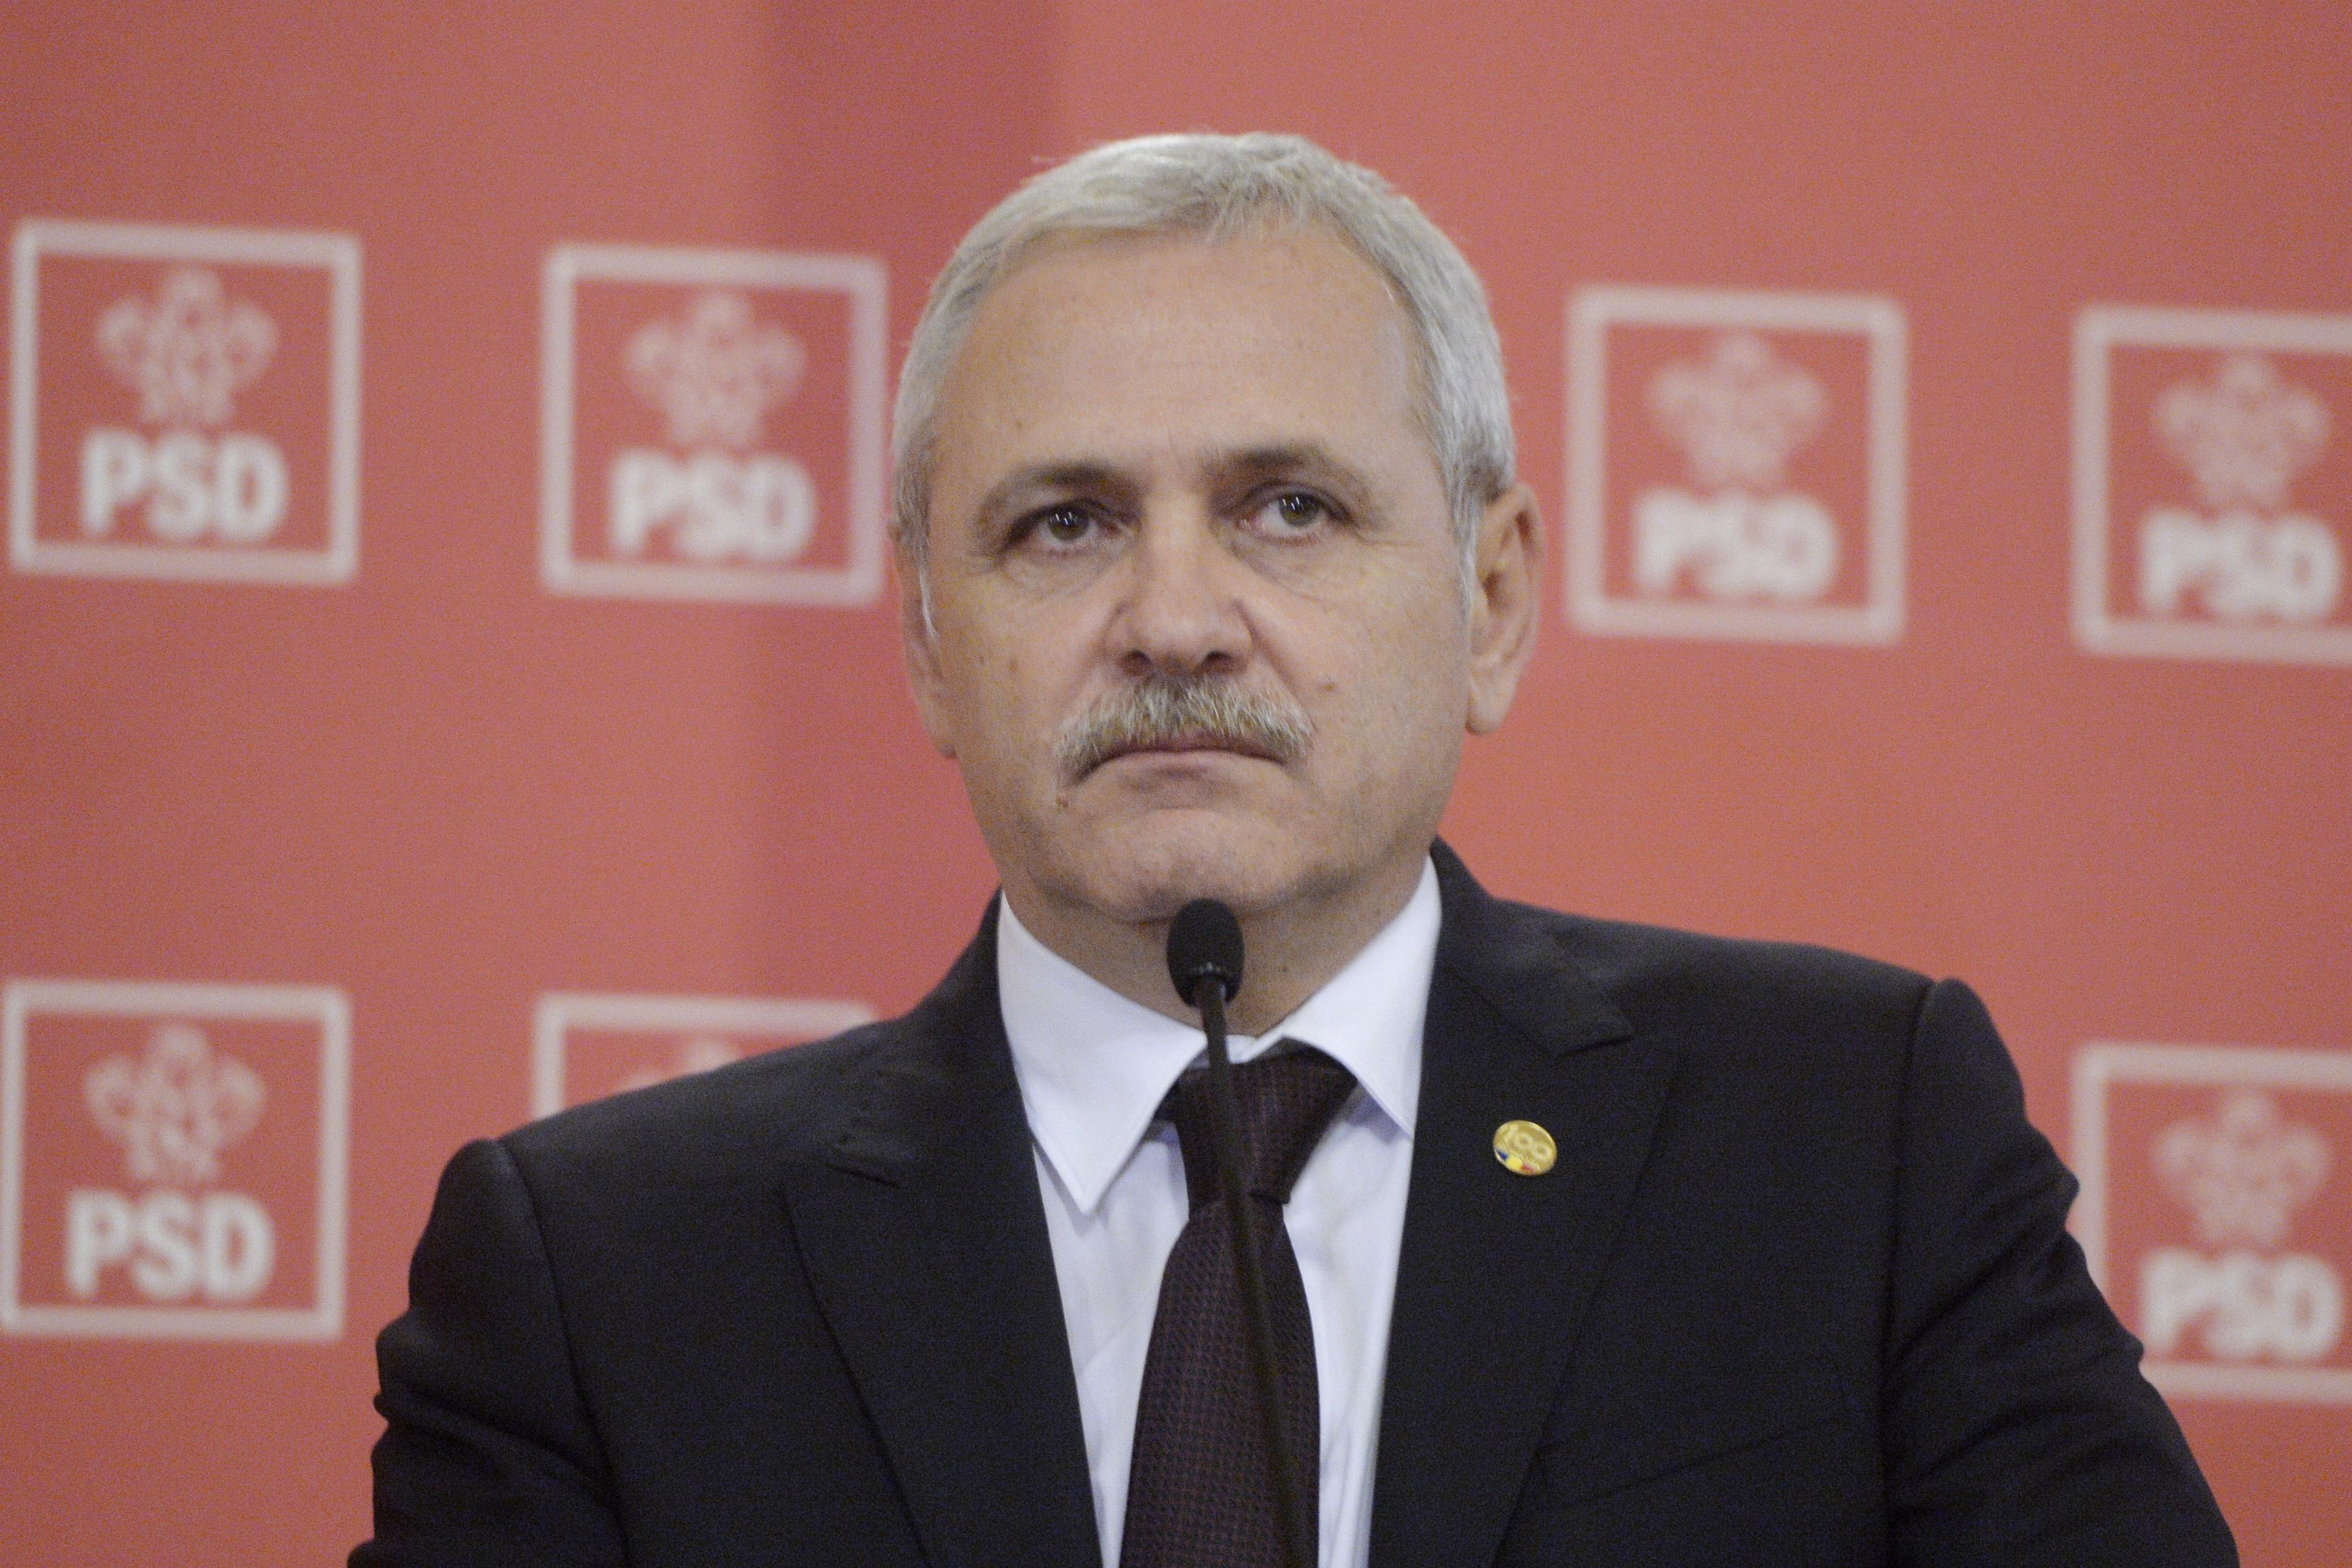 Preşedintele PSD: De astăzi primarii pot folosi 10 miliarde euro, prin Fondul de Dezvoltare şi Investiţii